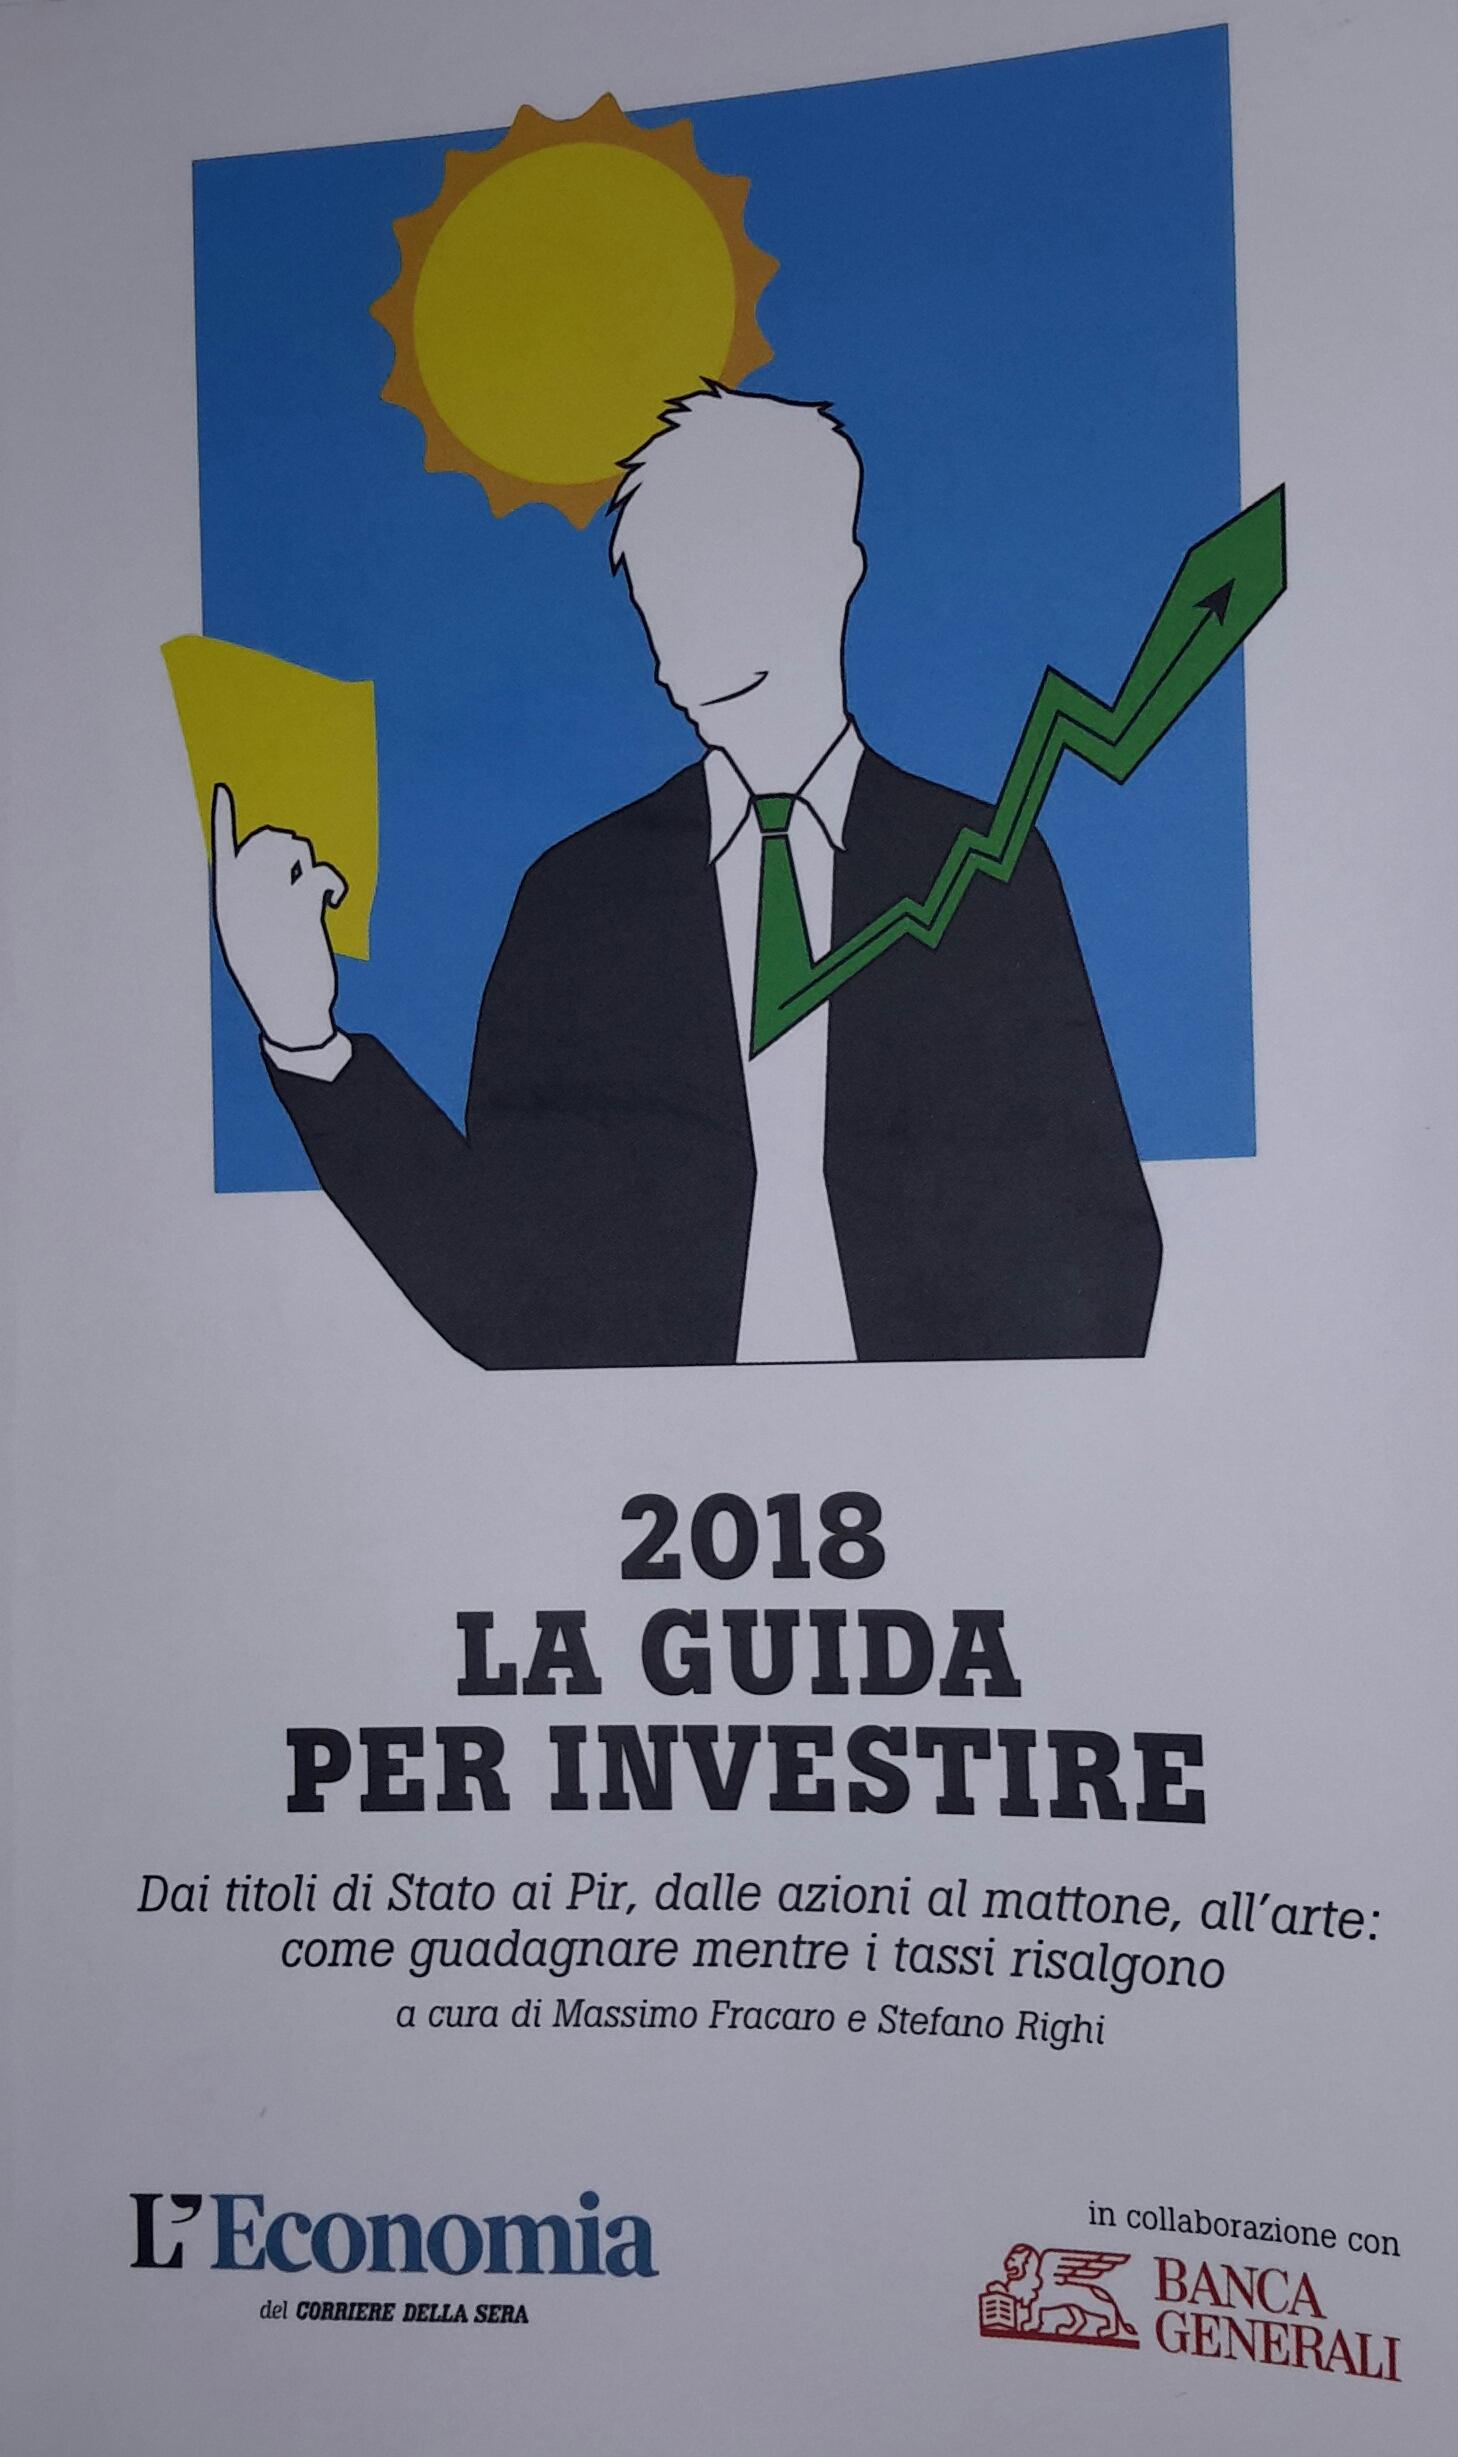 2018 La guida per investire